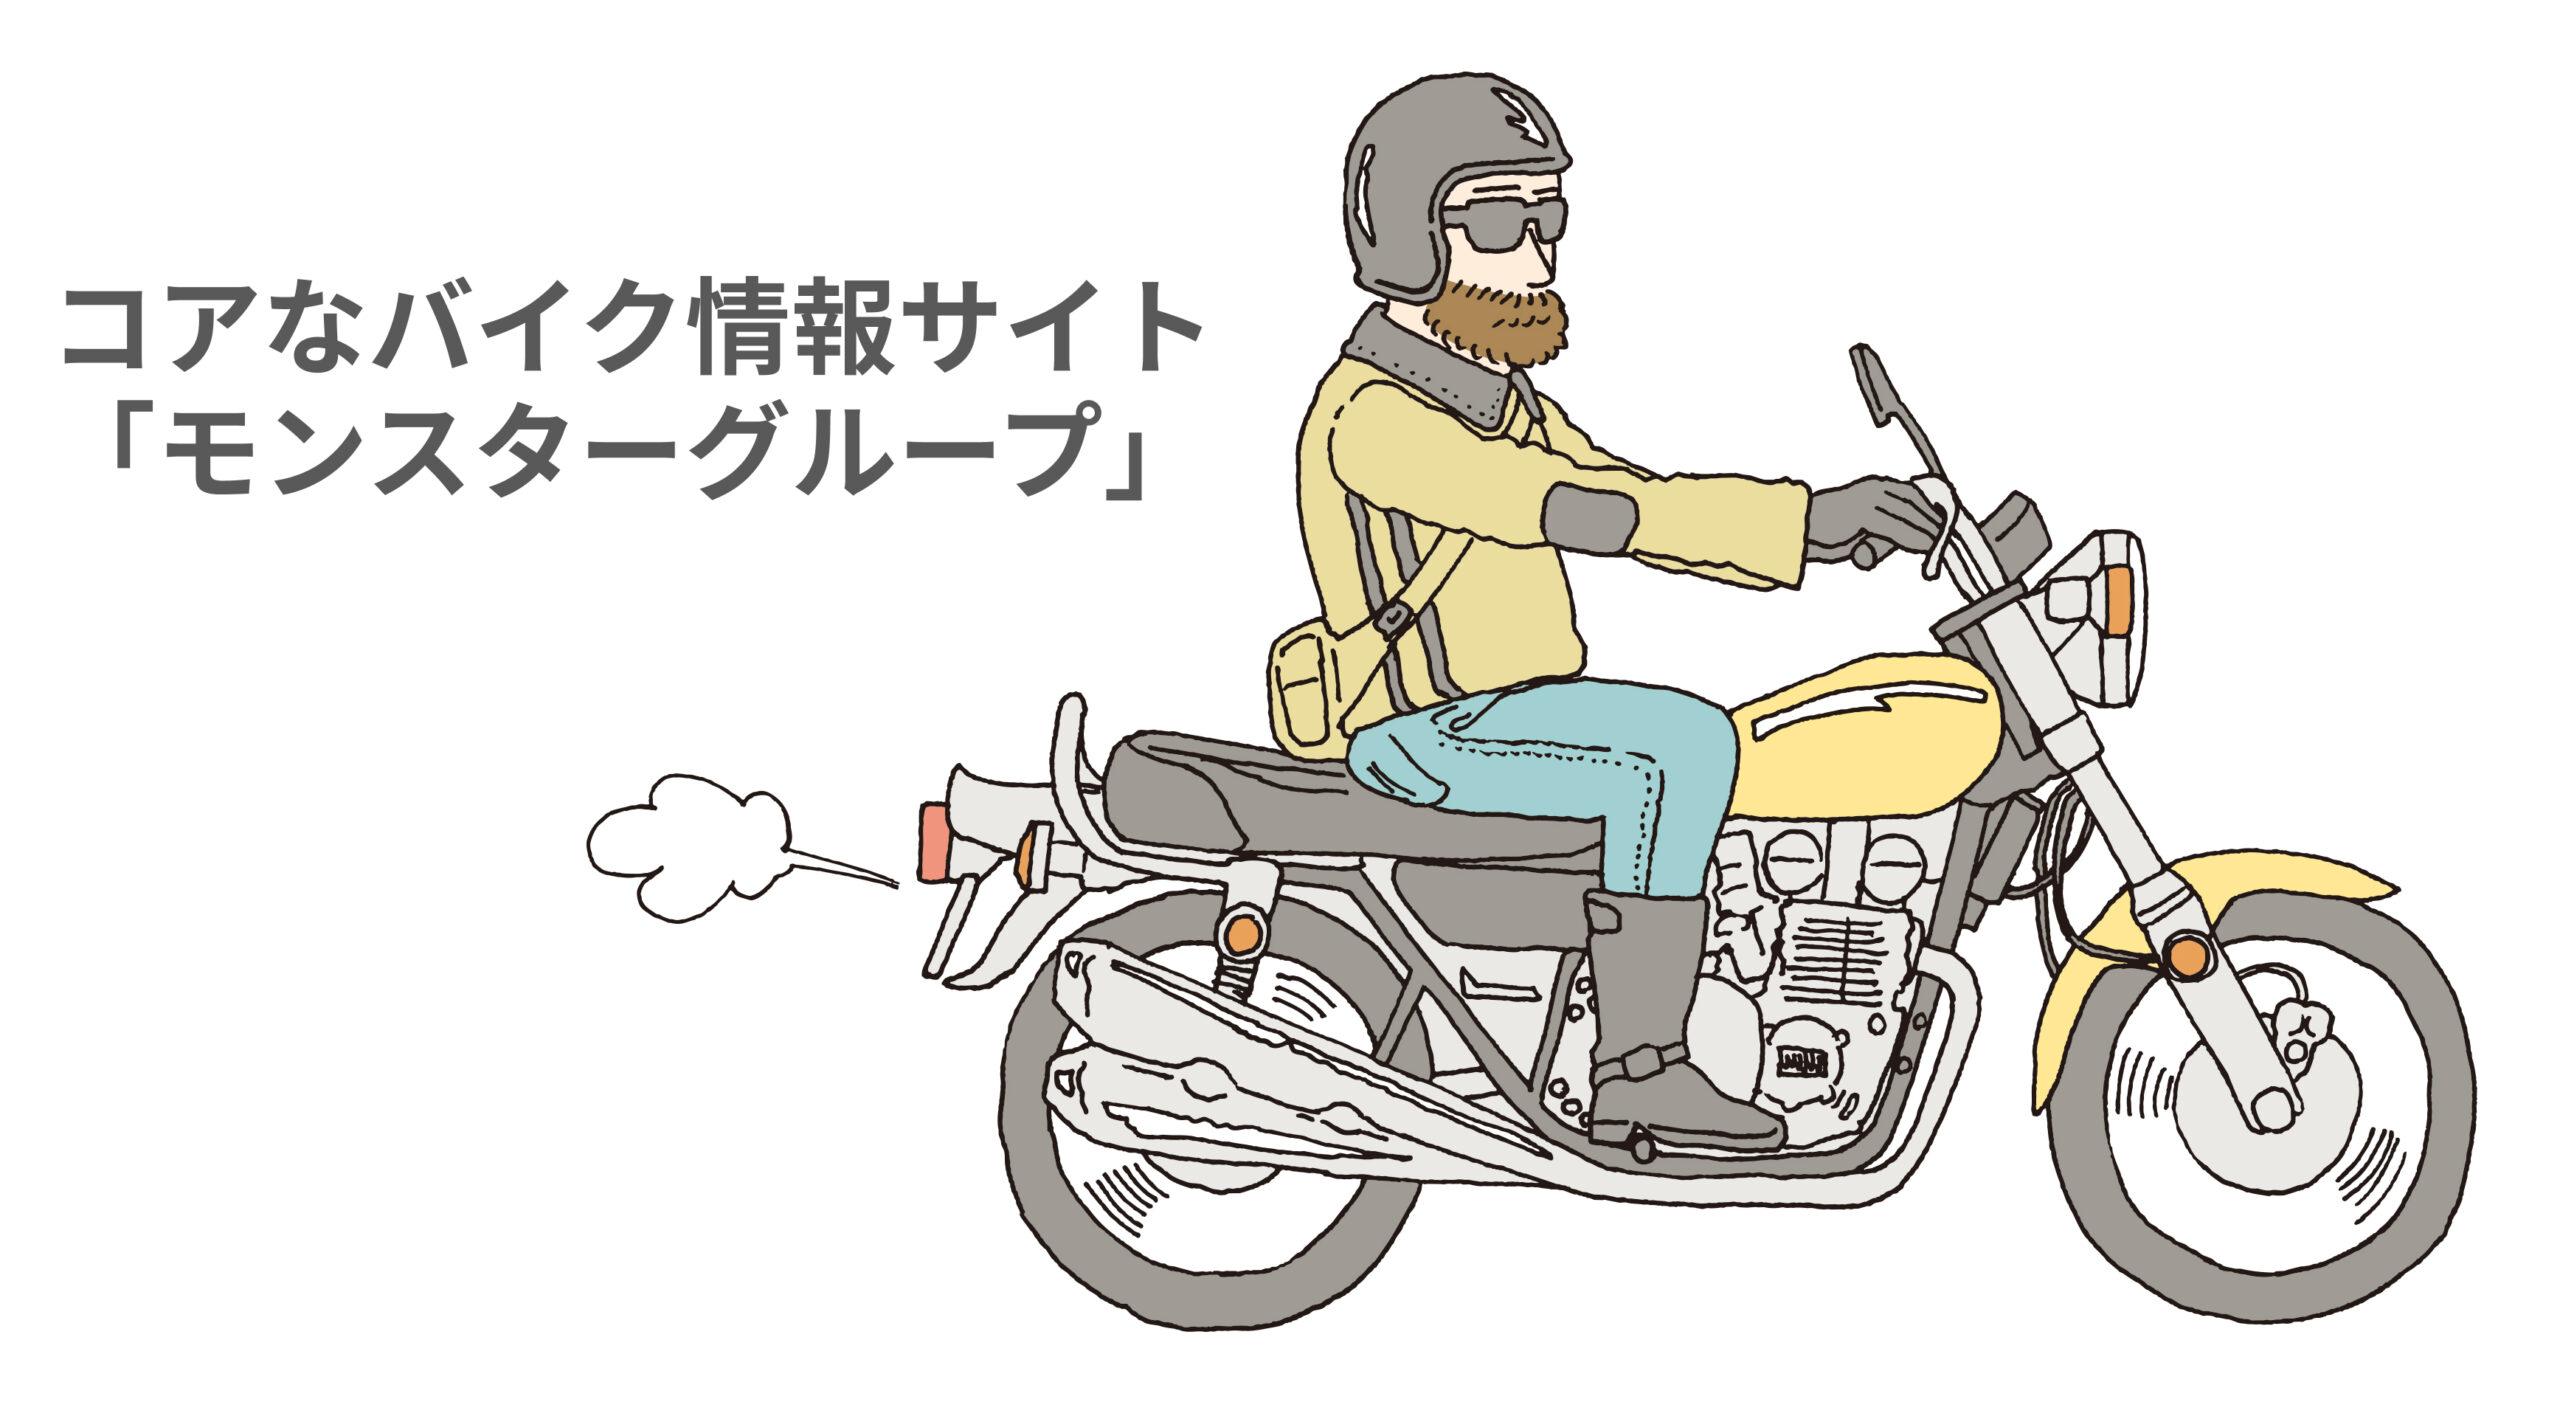 バイク情報サイト「モンスターグループ」